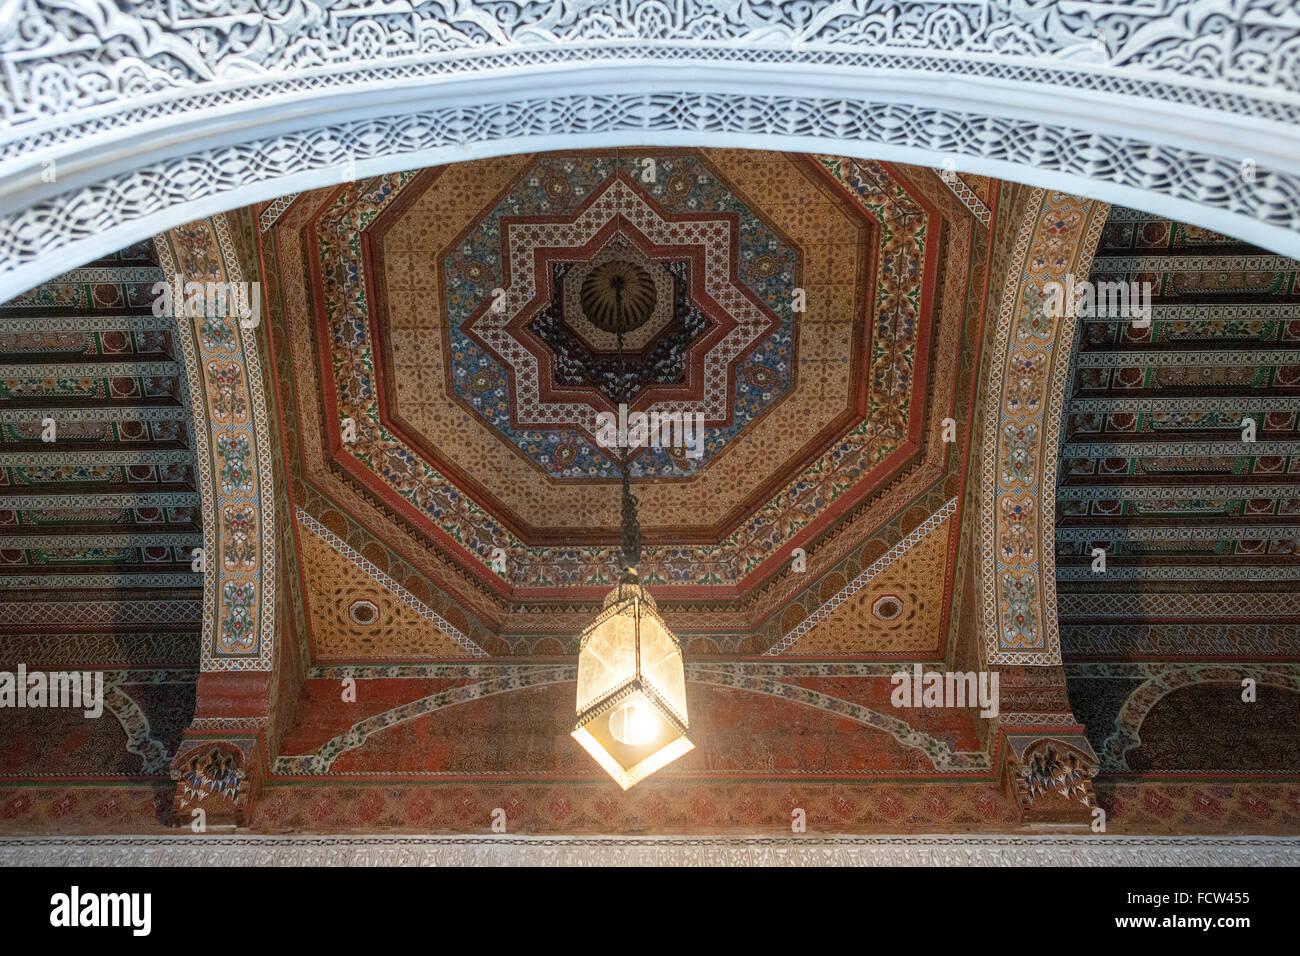 Soffitto in una delle stanze del Palazzo della Bahia in Marrakech, Marocco. Immagini Stock